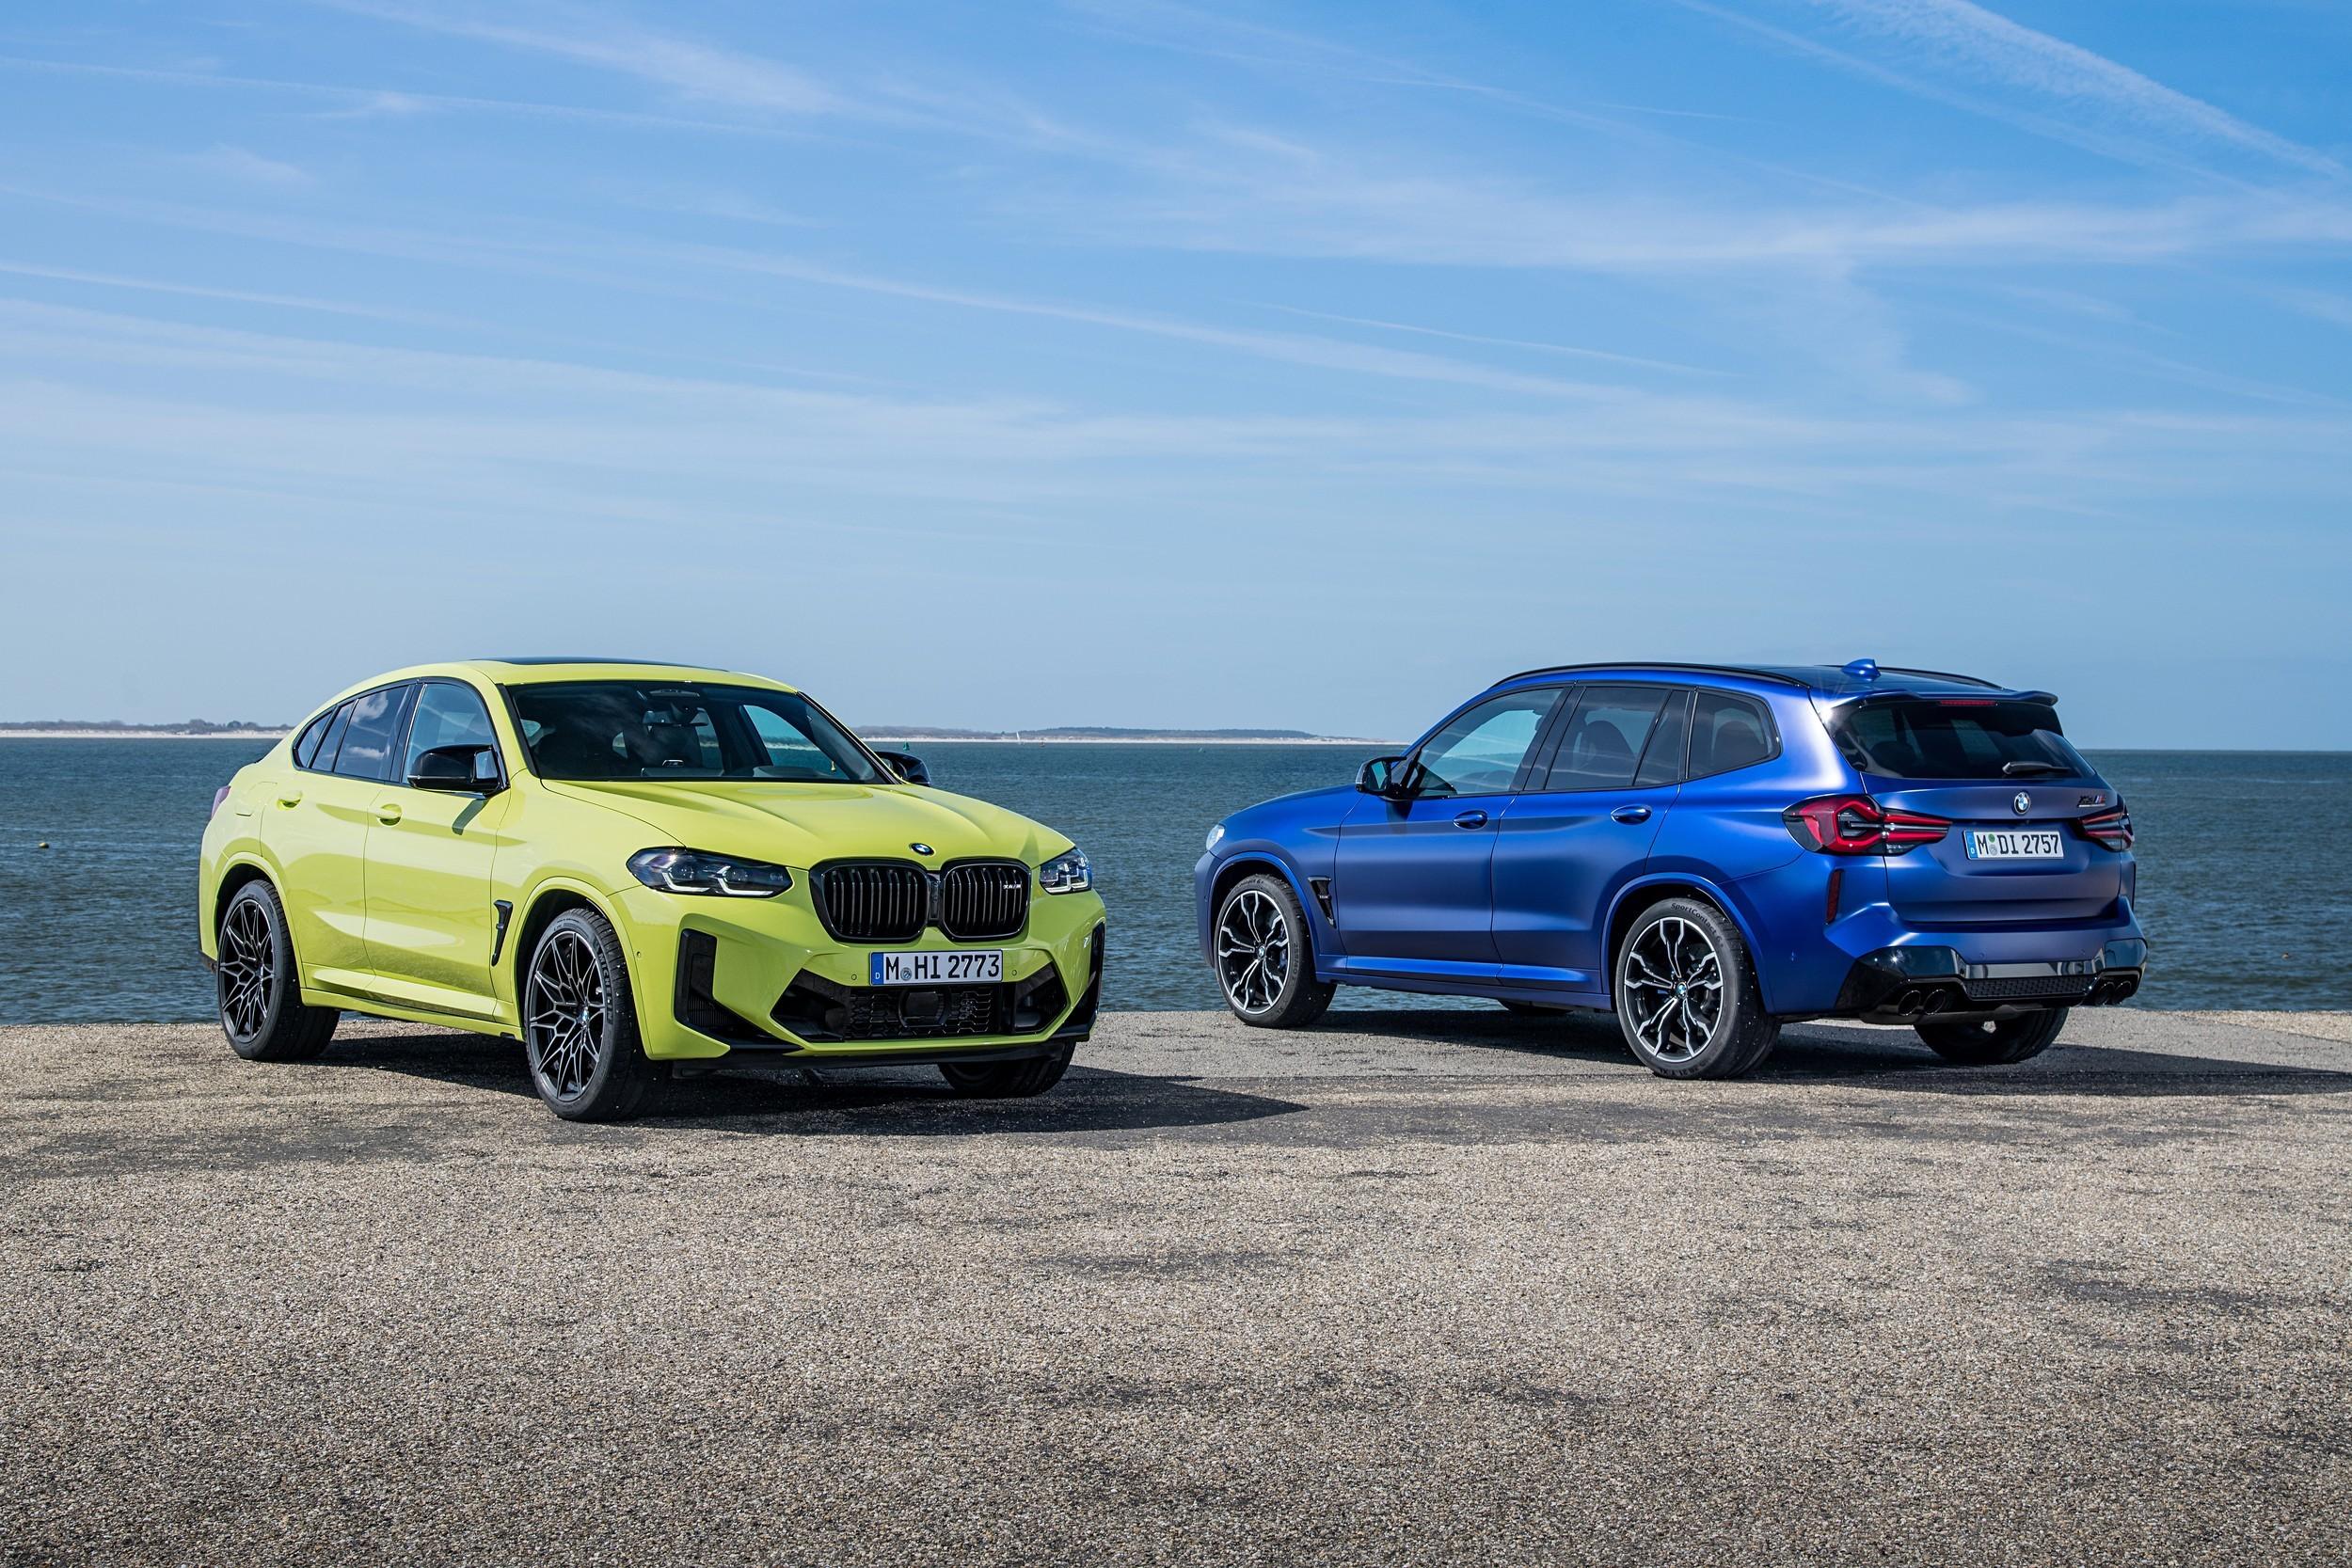 Всё и сразу: обновлённые BMW X3 и BMW X4 дебютировали вместе с М-версиями